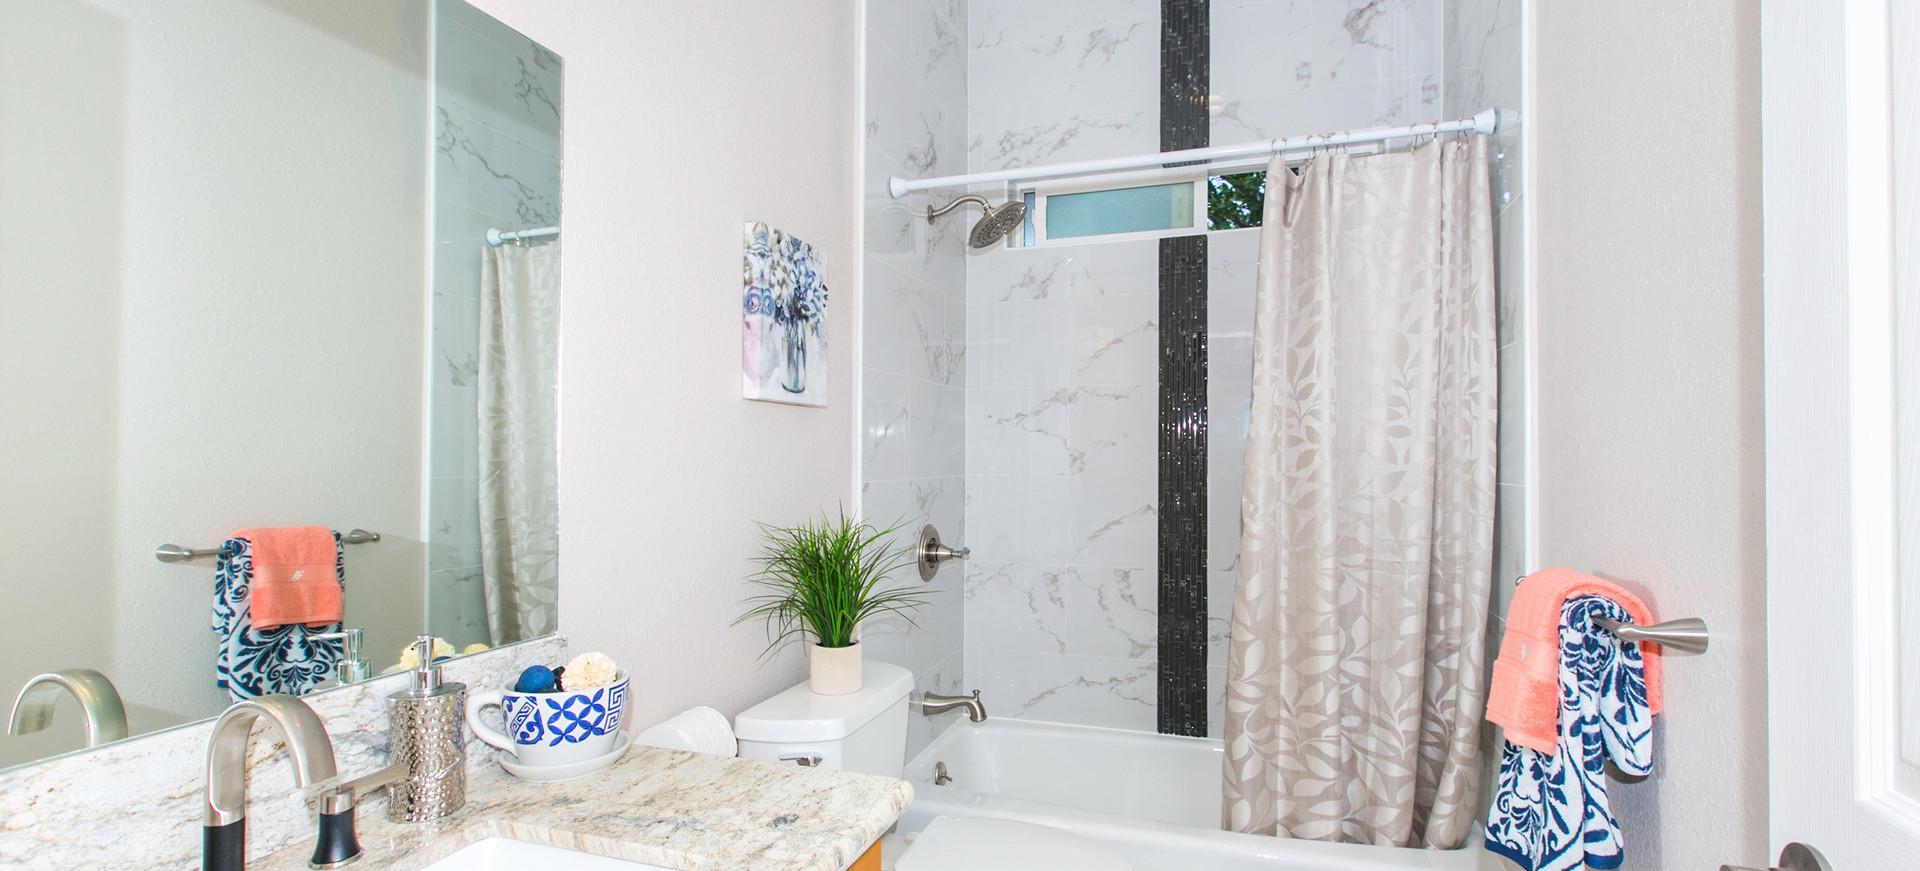 Bathroom of Kaimuki Hale